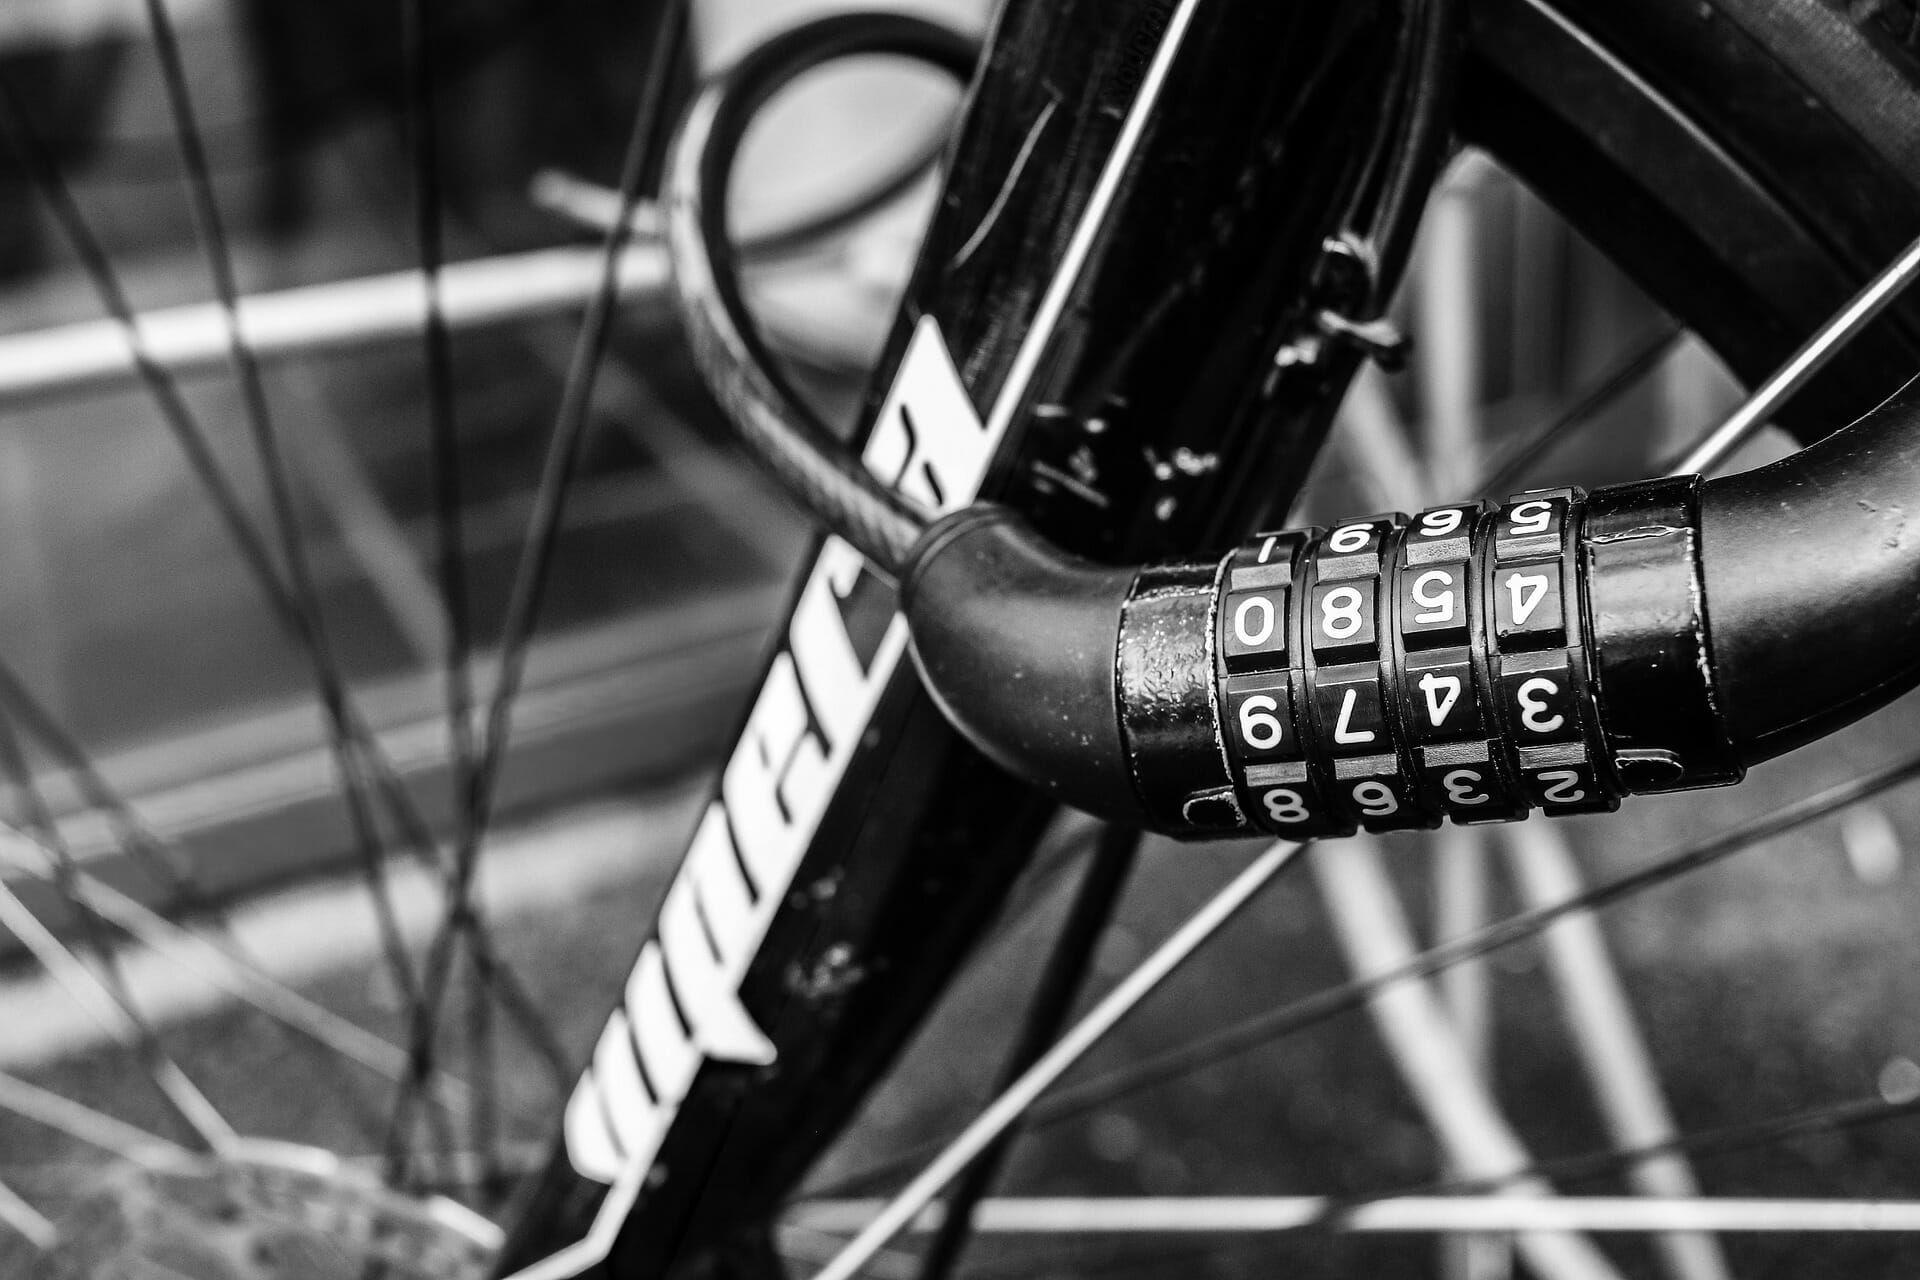 ما هو افضل قفل للدراجة الهوائية Bike Lock Bike Cage Bike